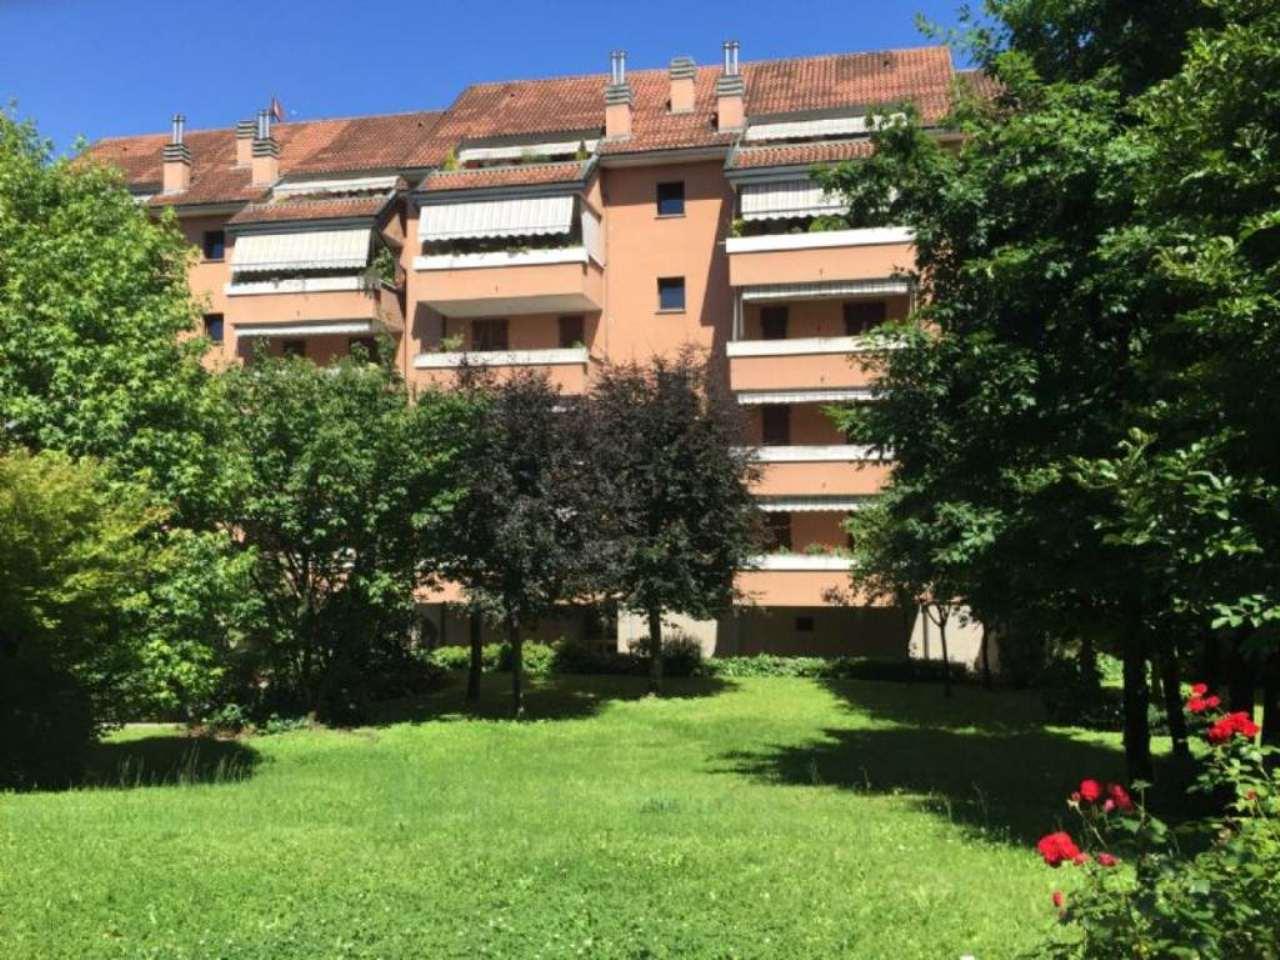 Bilocale Cavenago di Brianza Via Mazzini 3